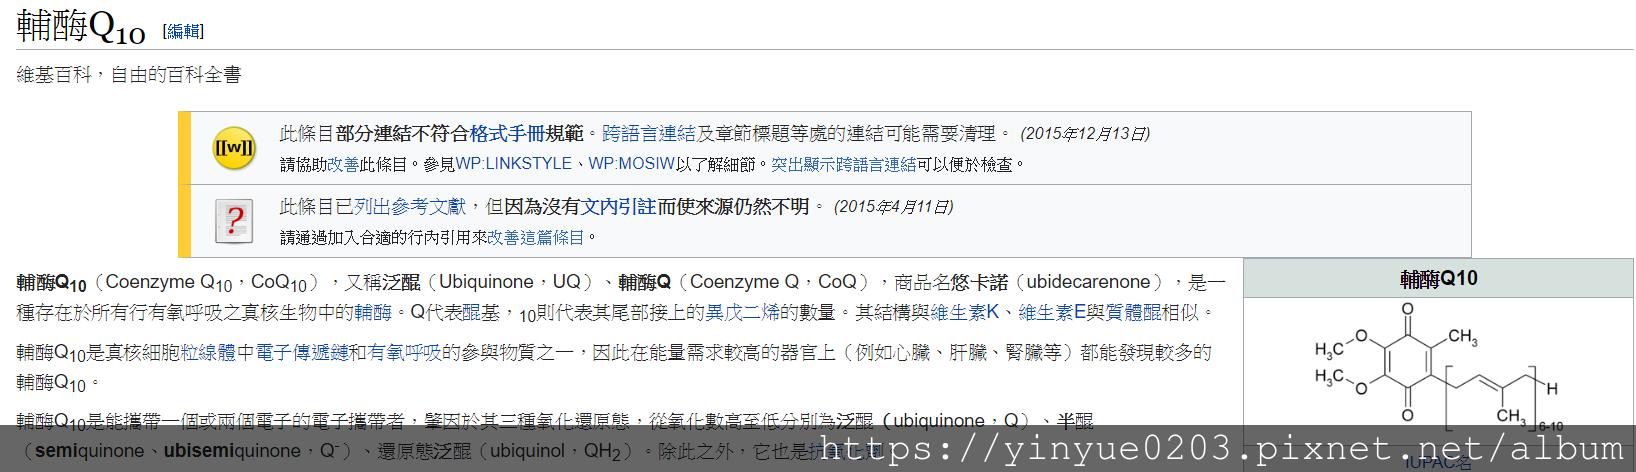 輔?Q10維基百科